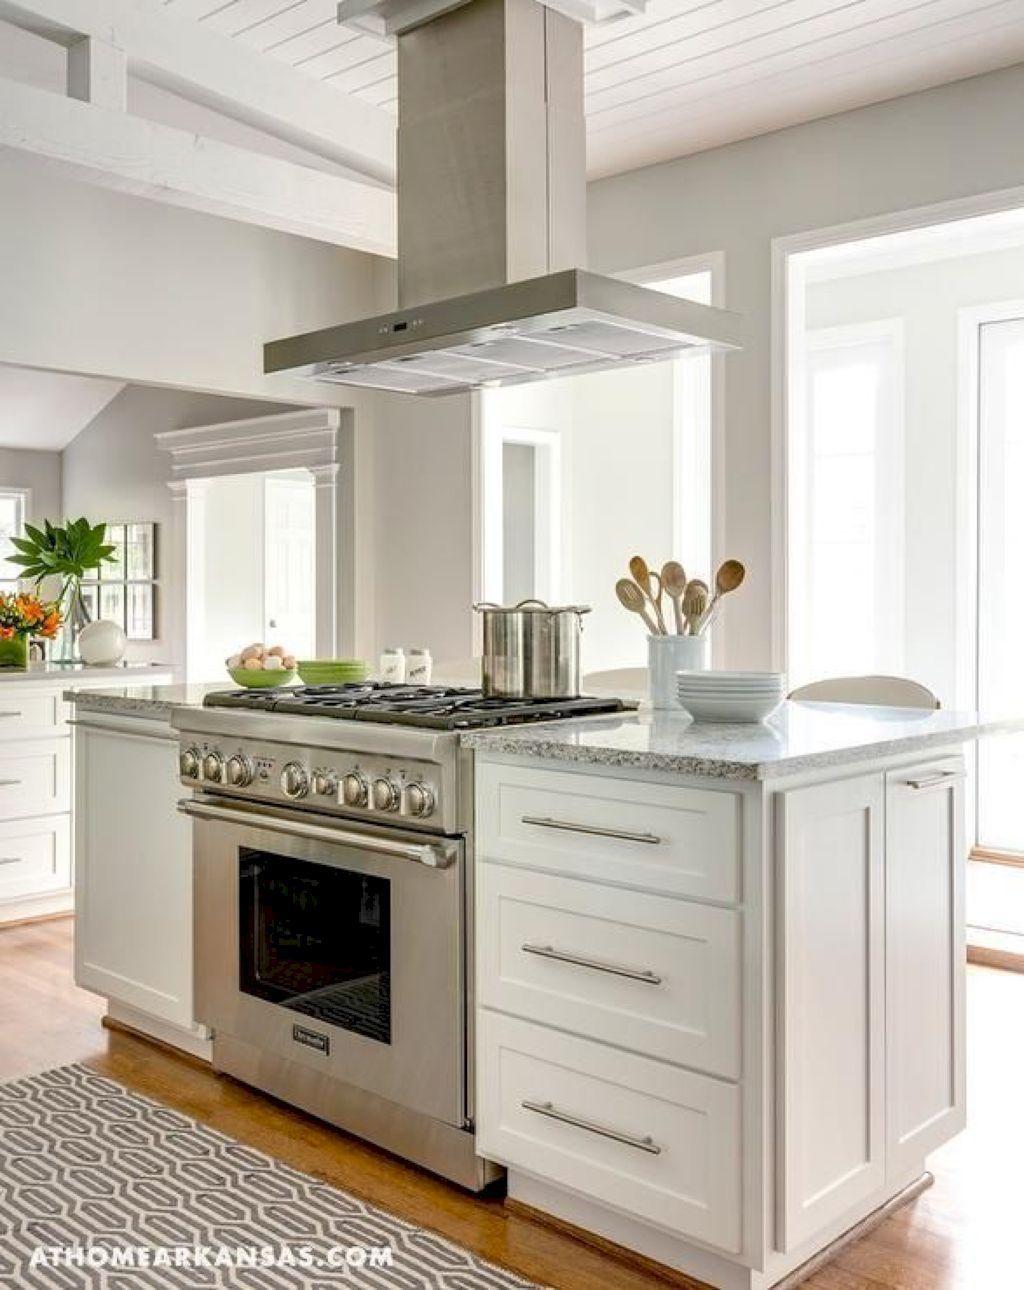 26 Gorgeous Kitchen Island Decor Ideas